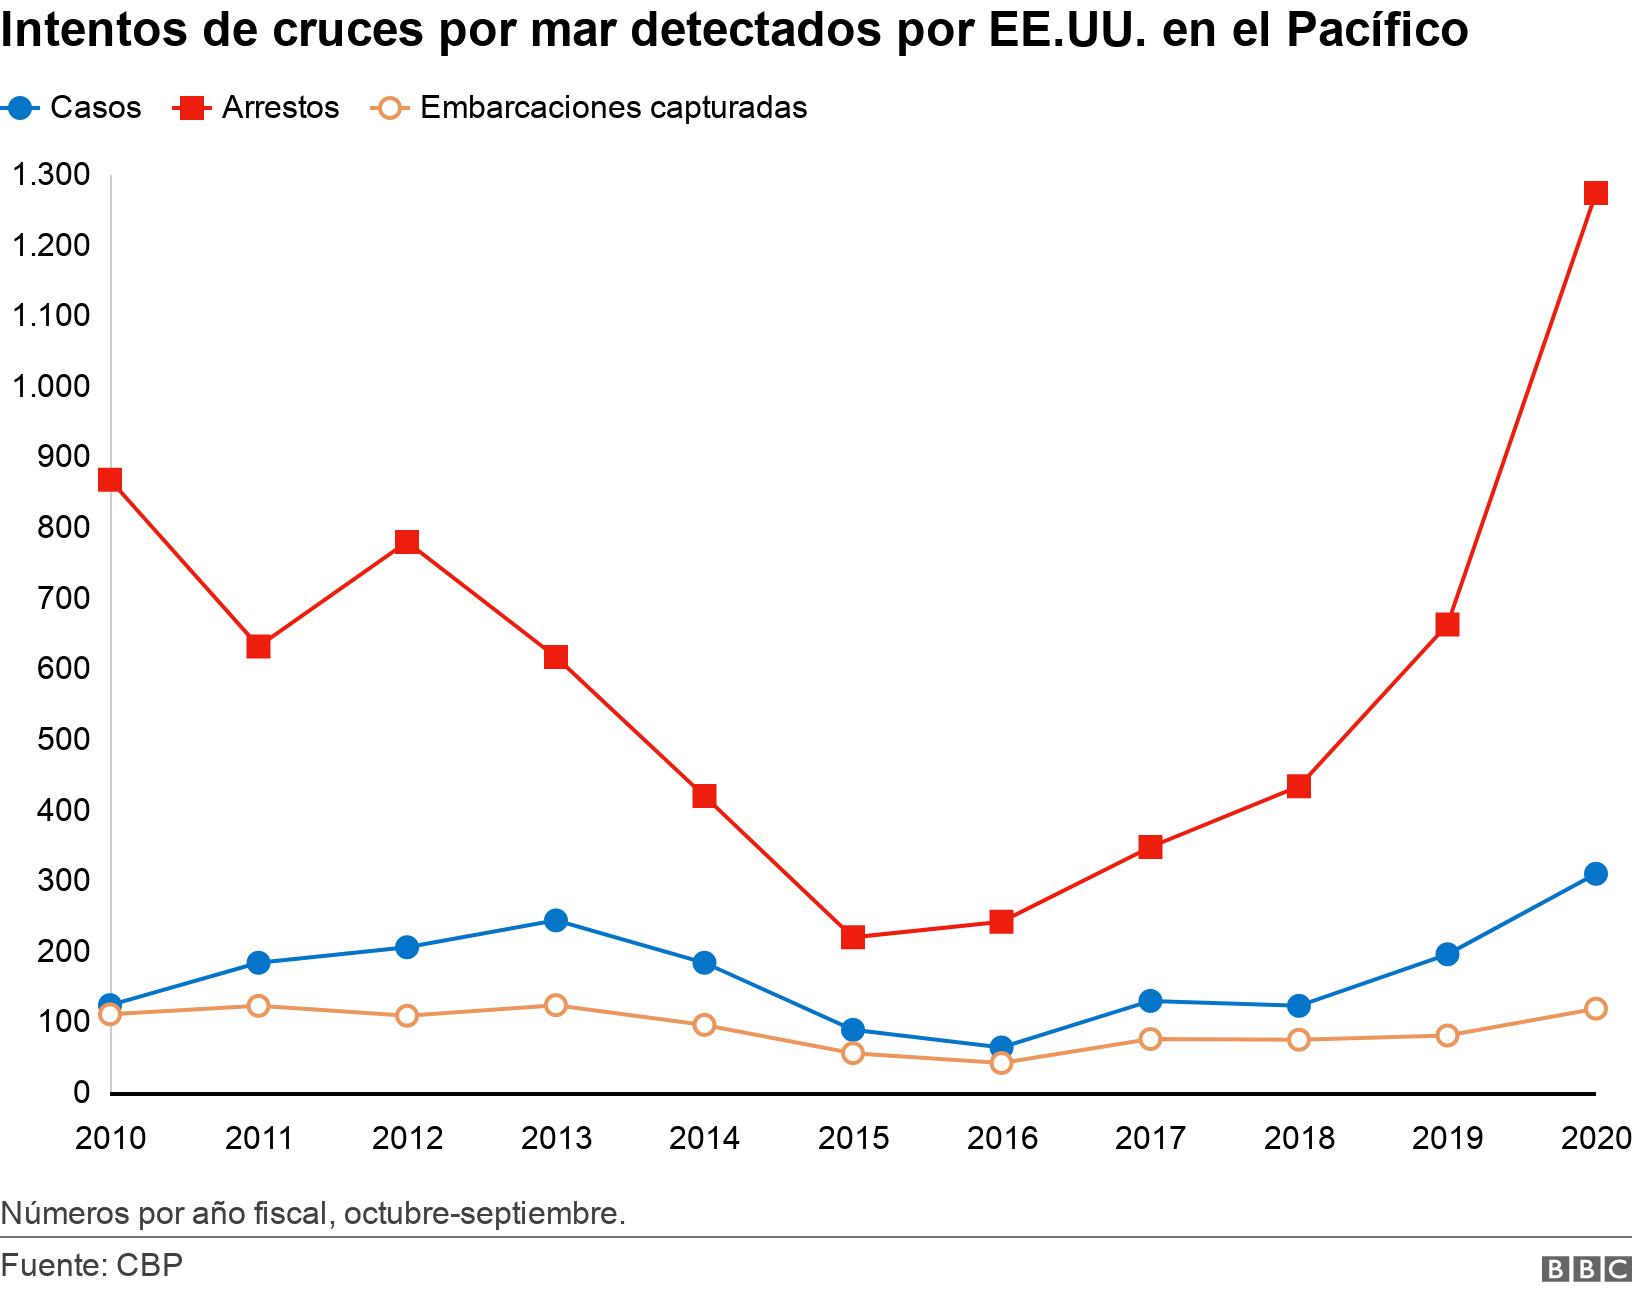 Intentos de cruces por mar detectados por EE.UU. en el Pacífico. .  Números por año fiscal, octubre-septiembre..